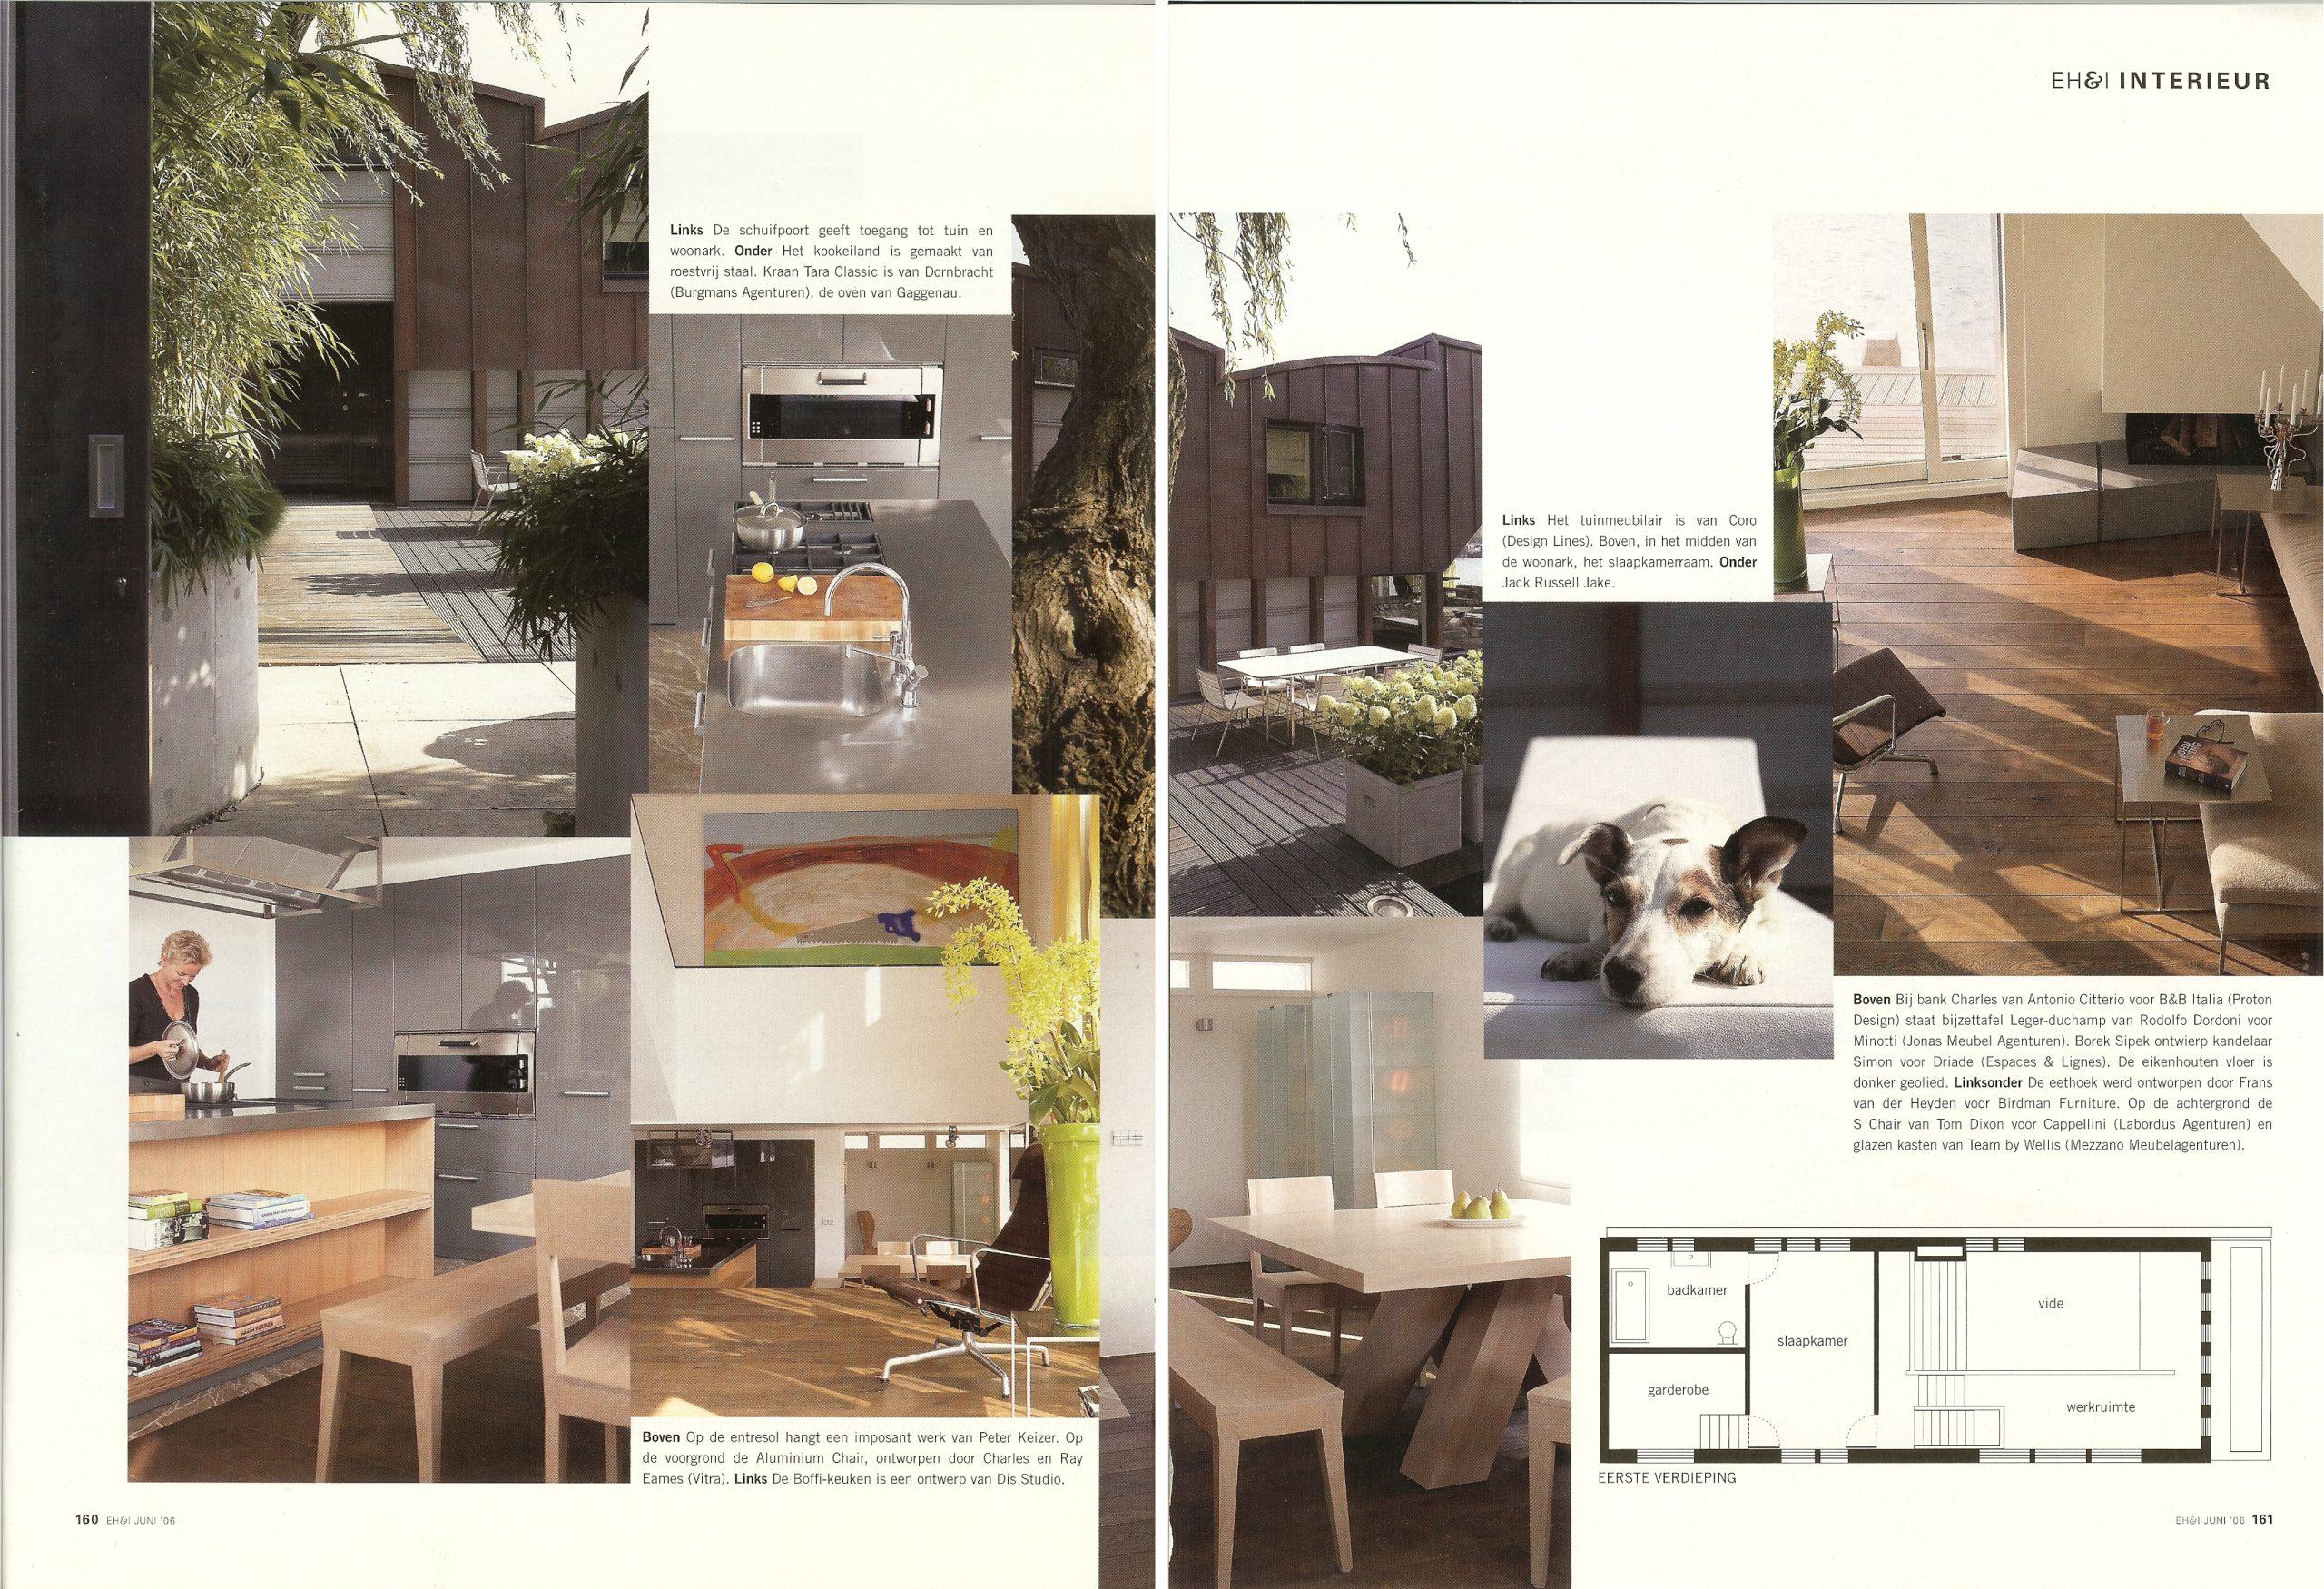 publicatie EigenHuis & Interieur Woonboot in Amsterdam doorBEELEN CS architecten bv p160-161